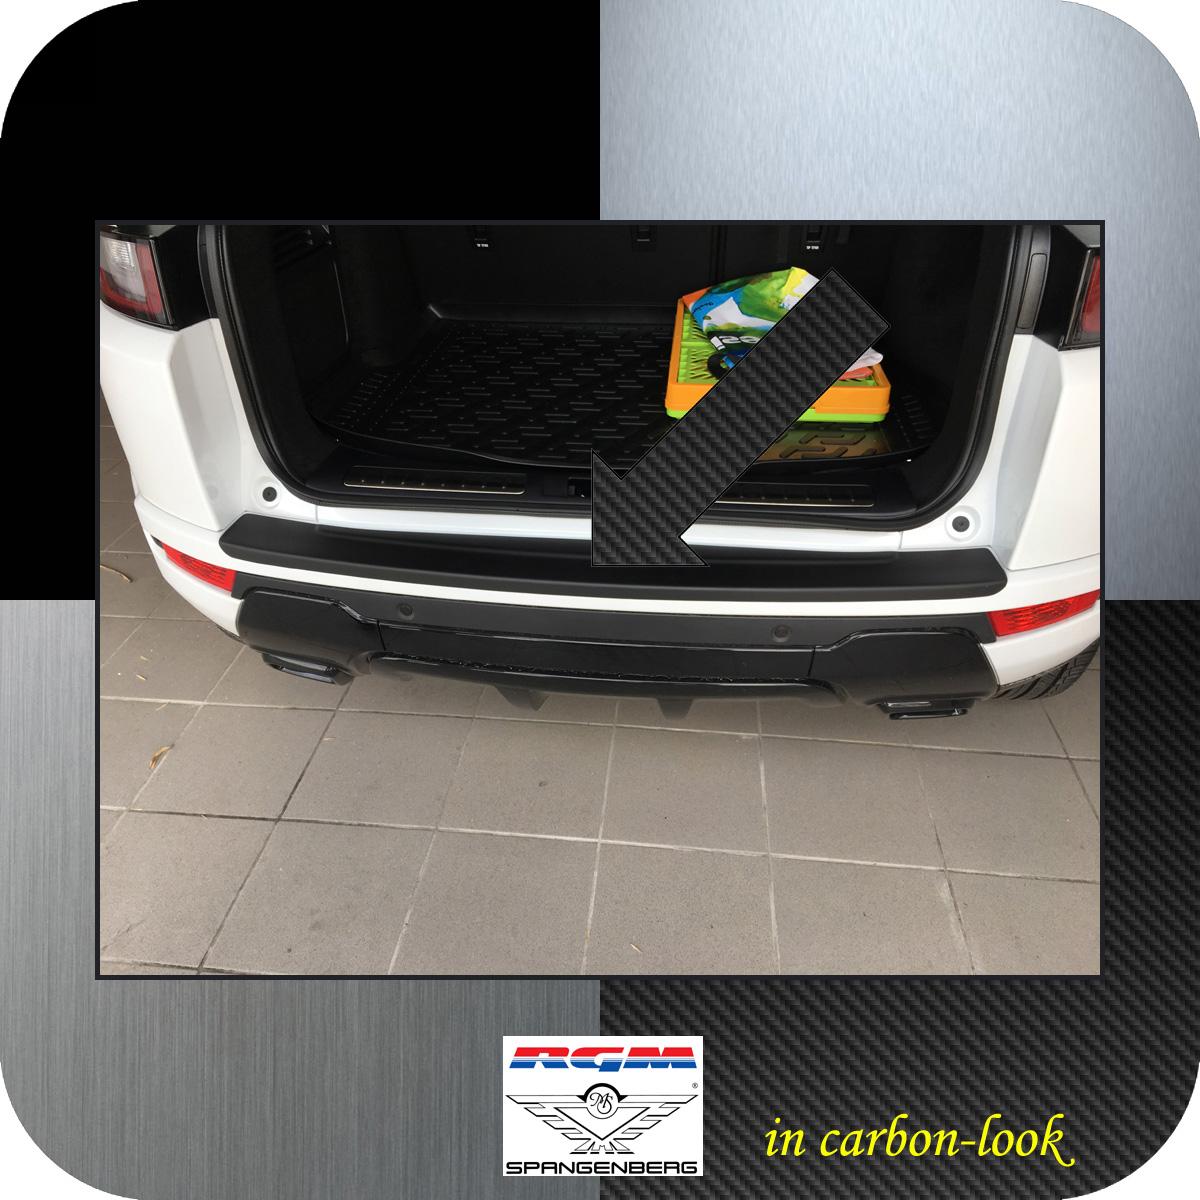 Ladekantenschutz Carbon-Look Land Rover Range Rover Evoque 5-Türer 2011- 3509565